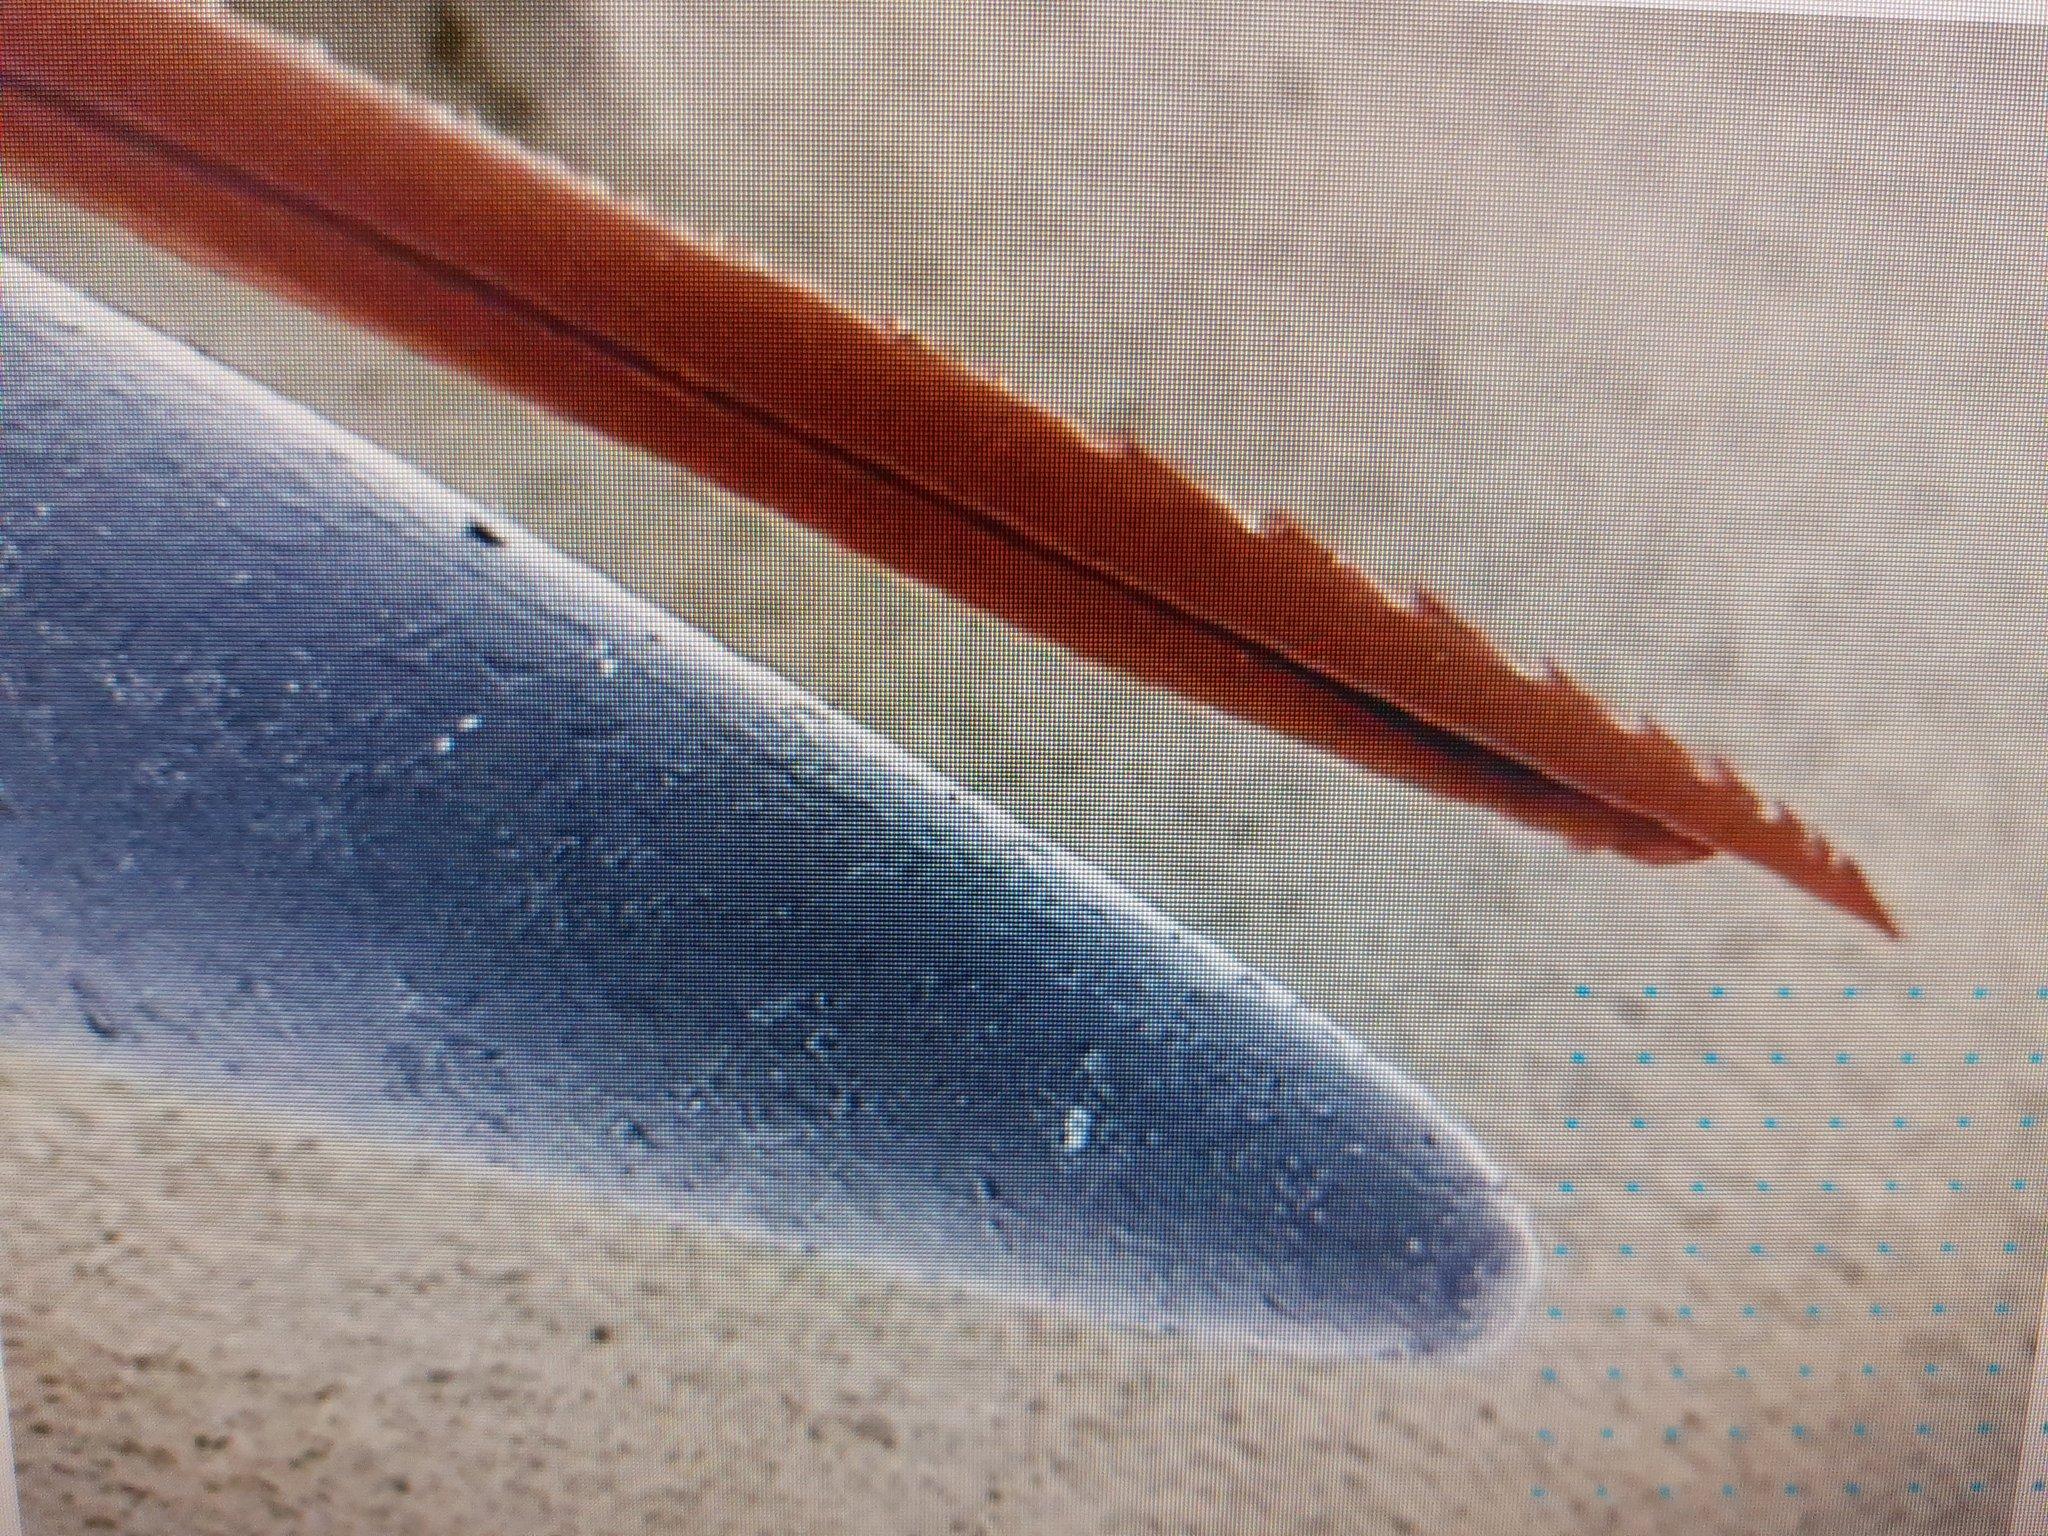 Ngòi ong chích và đầu cây kim, cái nào nhọn hơn?